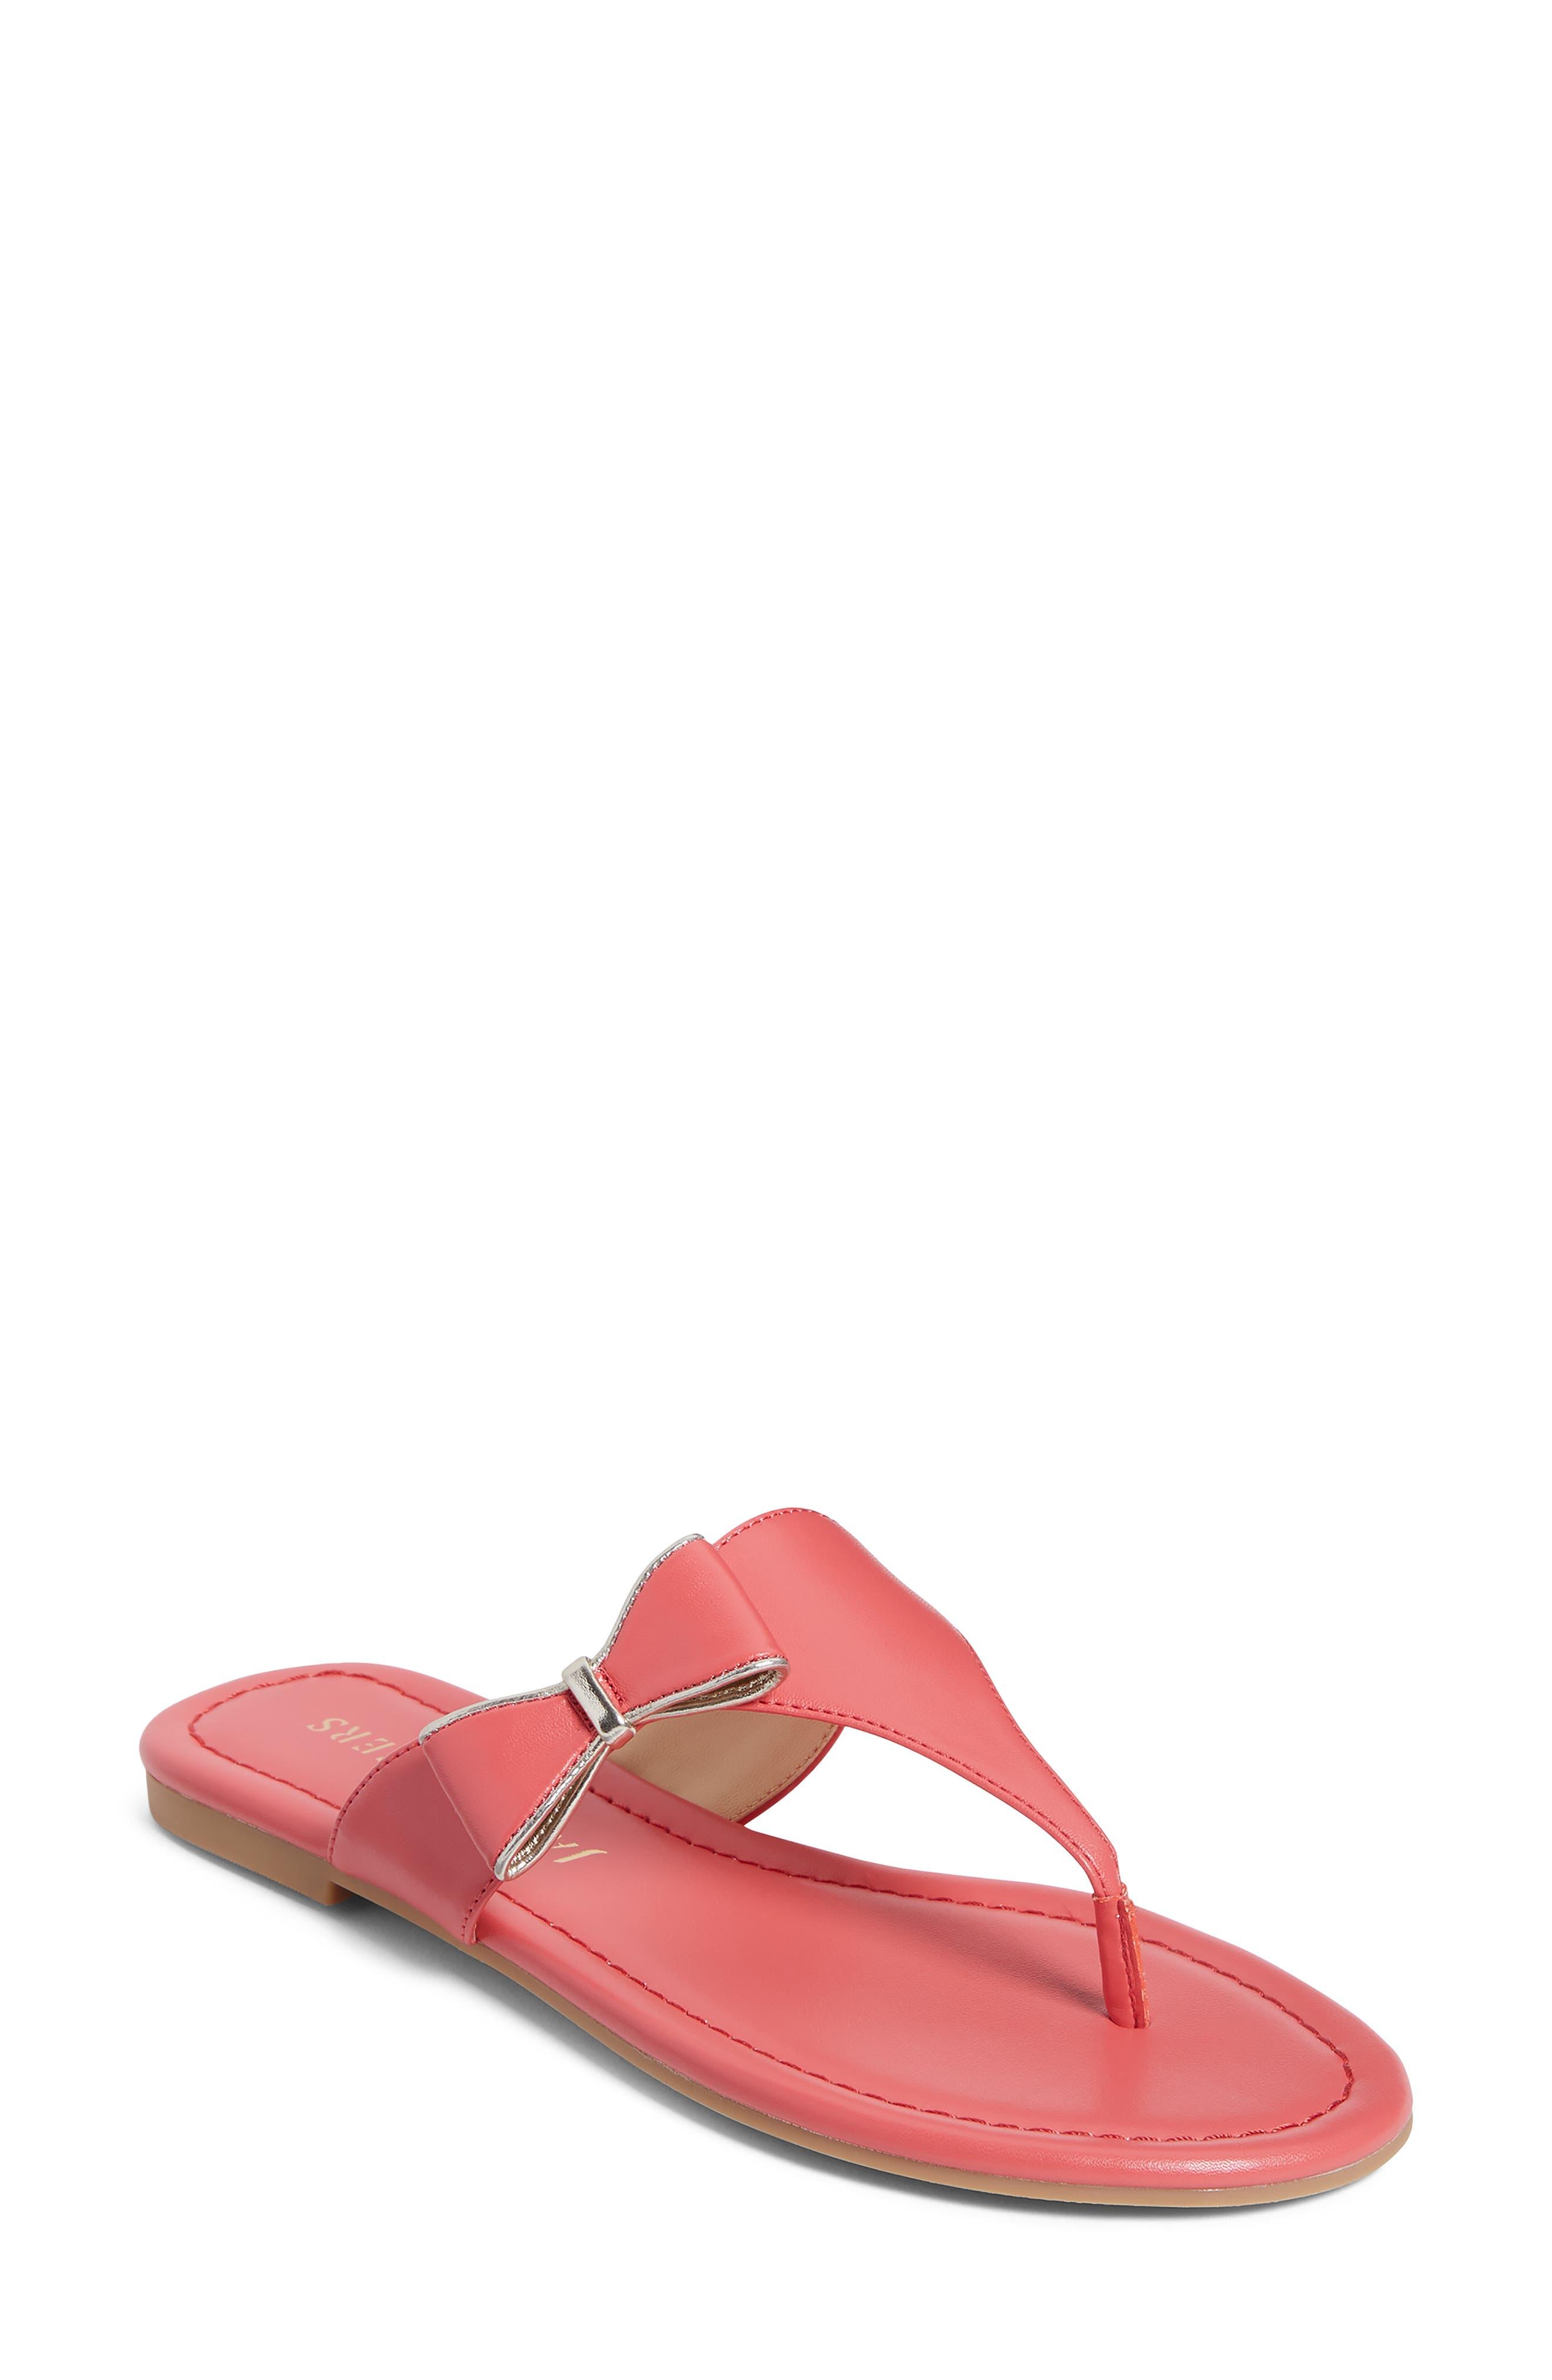 Gracie Flip Flop